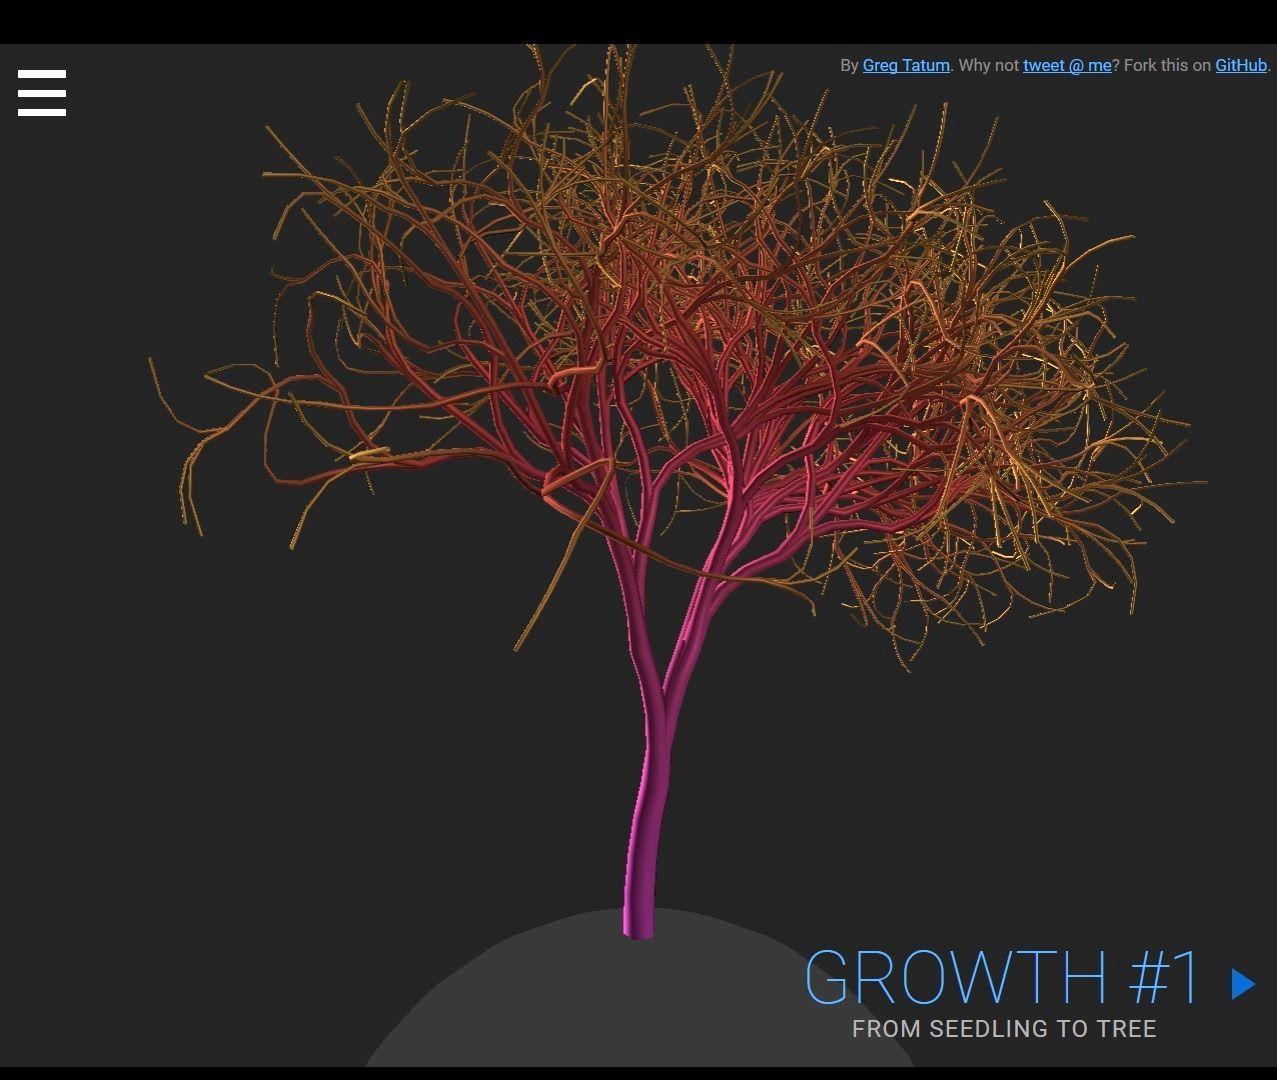 EINMALIGE VERWENDUNG NUR ALS ZITAT Screenshot Kostenloskultur/ Greg Tatum